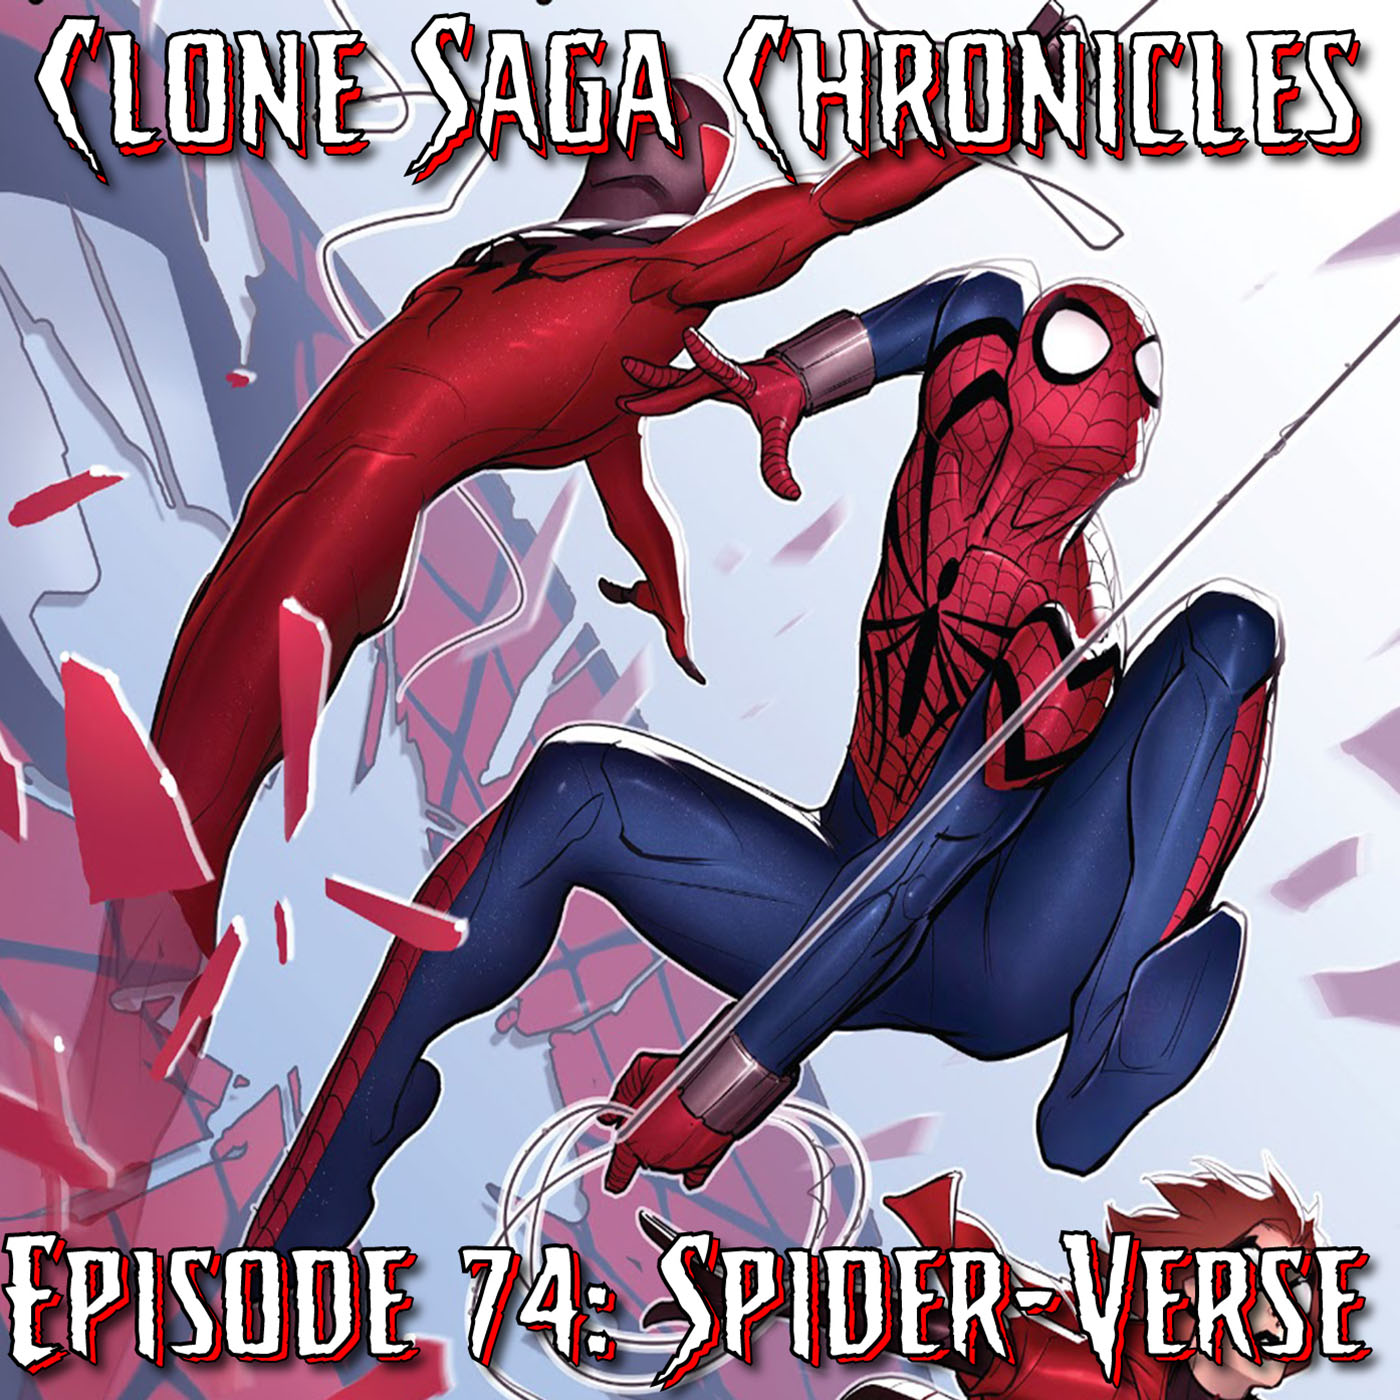 CSC Episode 74: Spider-Verse